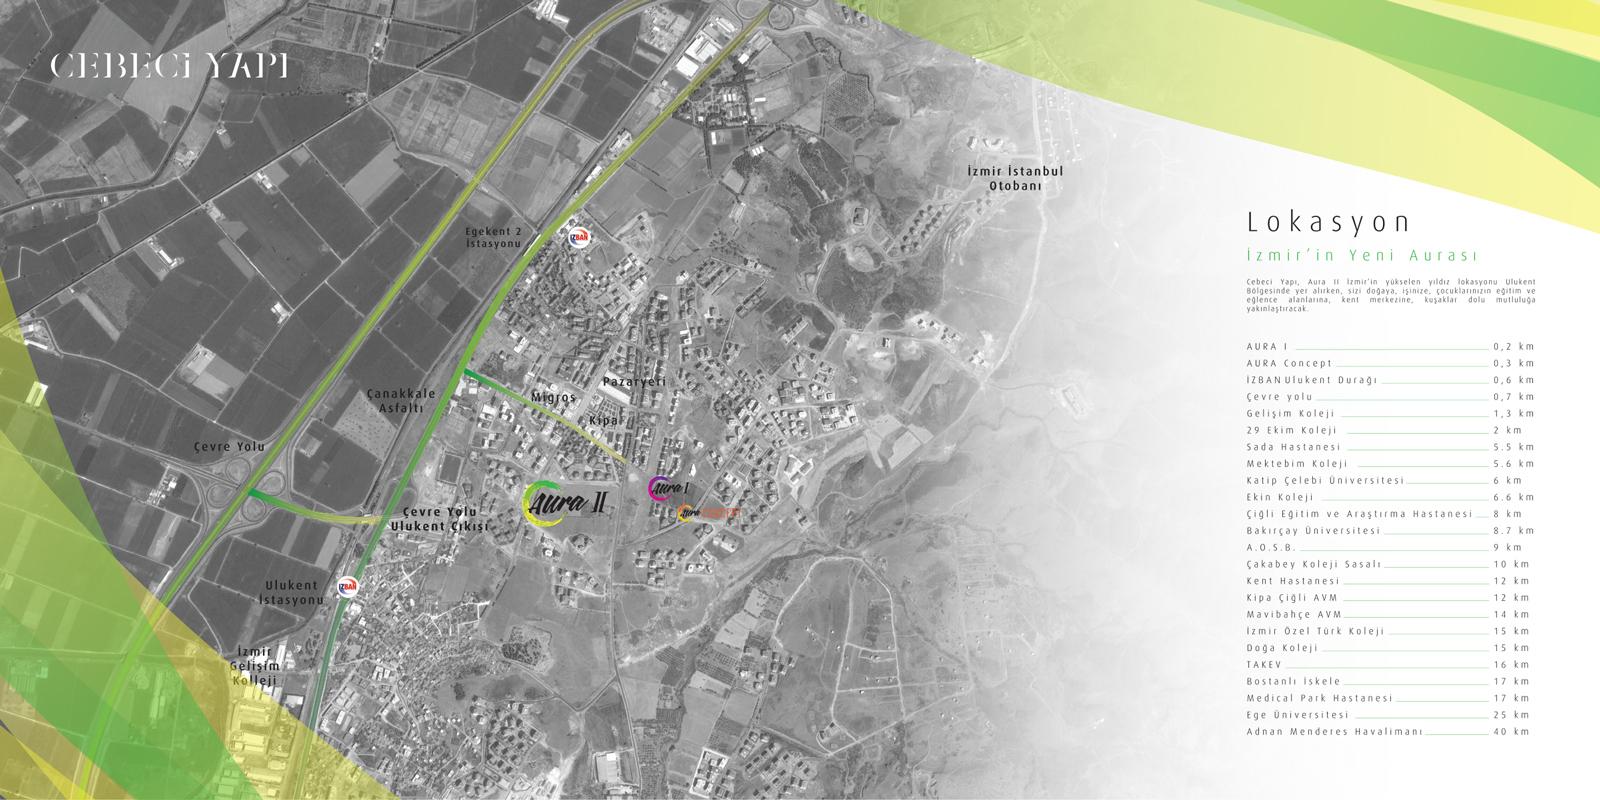 Cebeci AURA II - Lokasyon